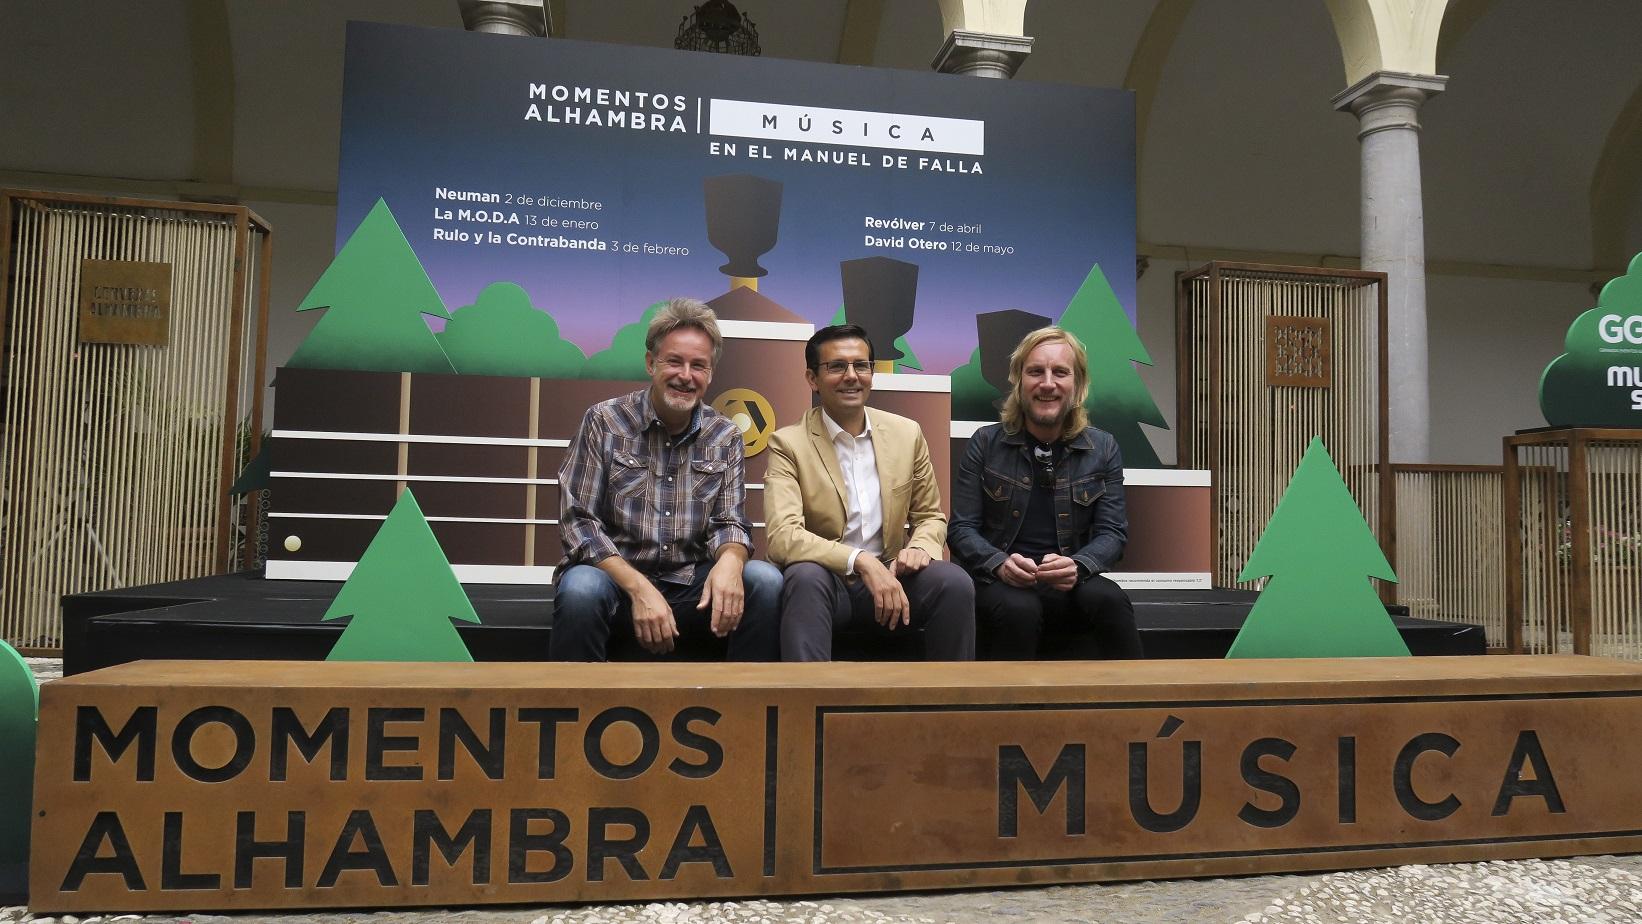 Se ha presentado el Ciclo de Conciertos Especiales 'Momentos Alhambra Música en el Auditorio Manuel de Falla'